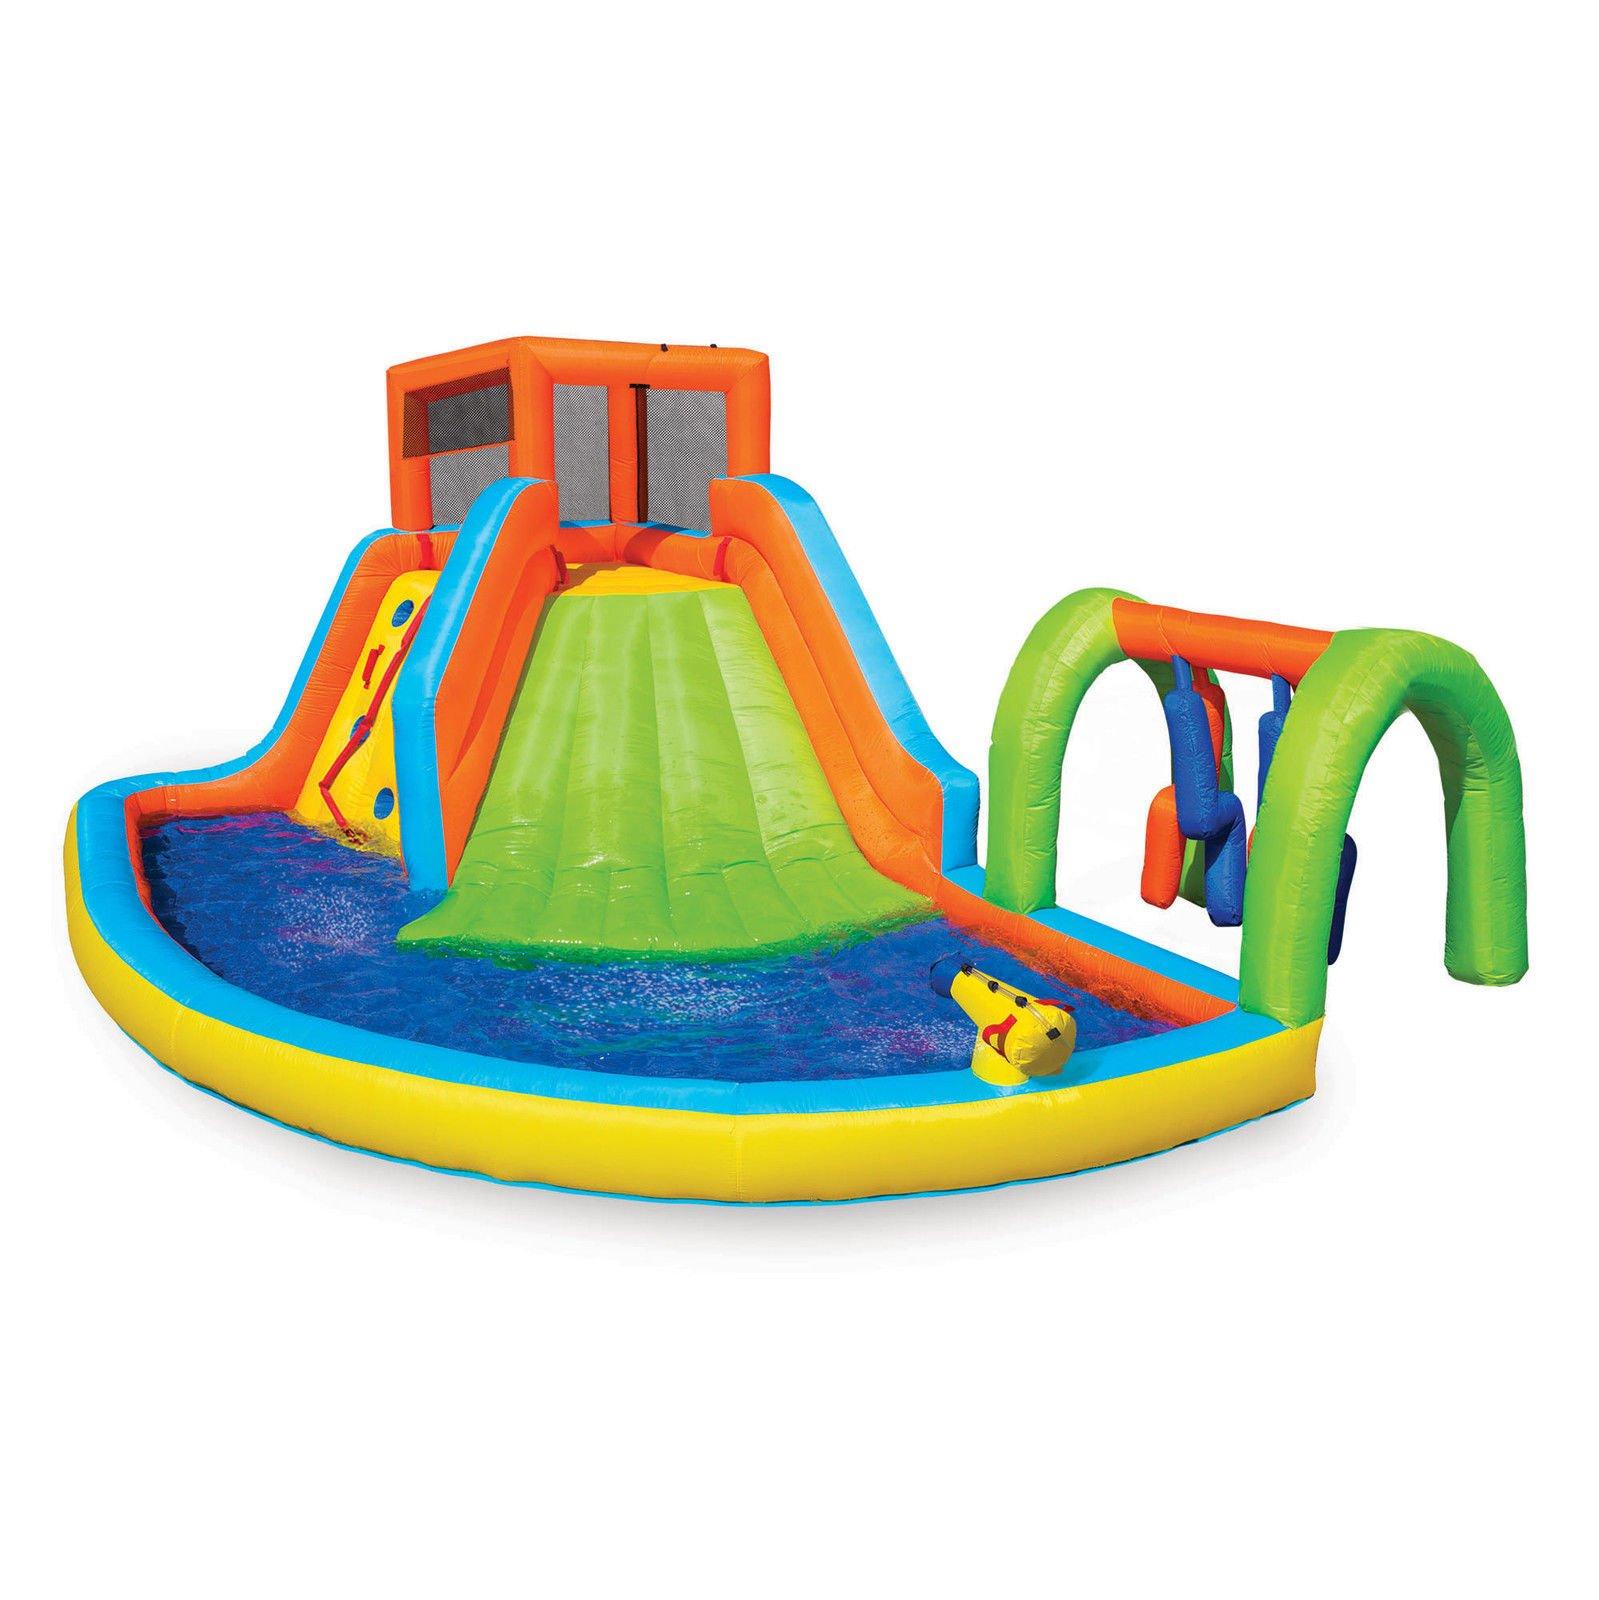 Inflatable Summit Splash Adventure Splash Kiddie Pool Slide Water Park With Ebook